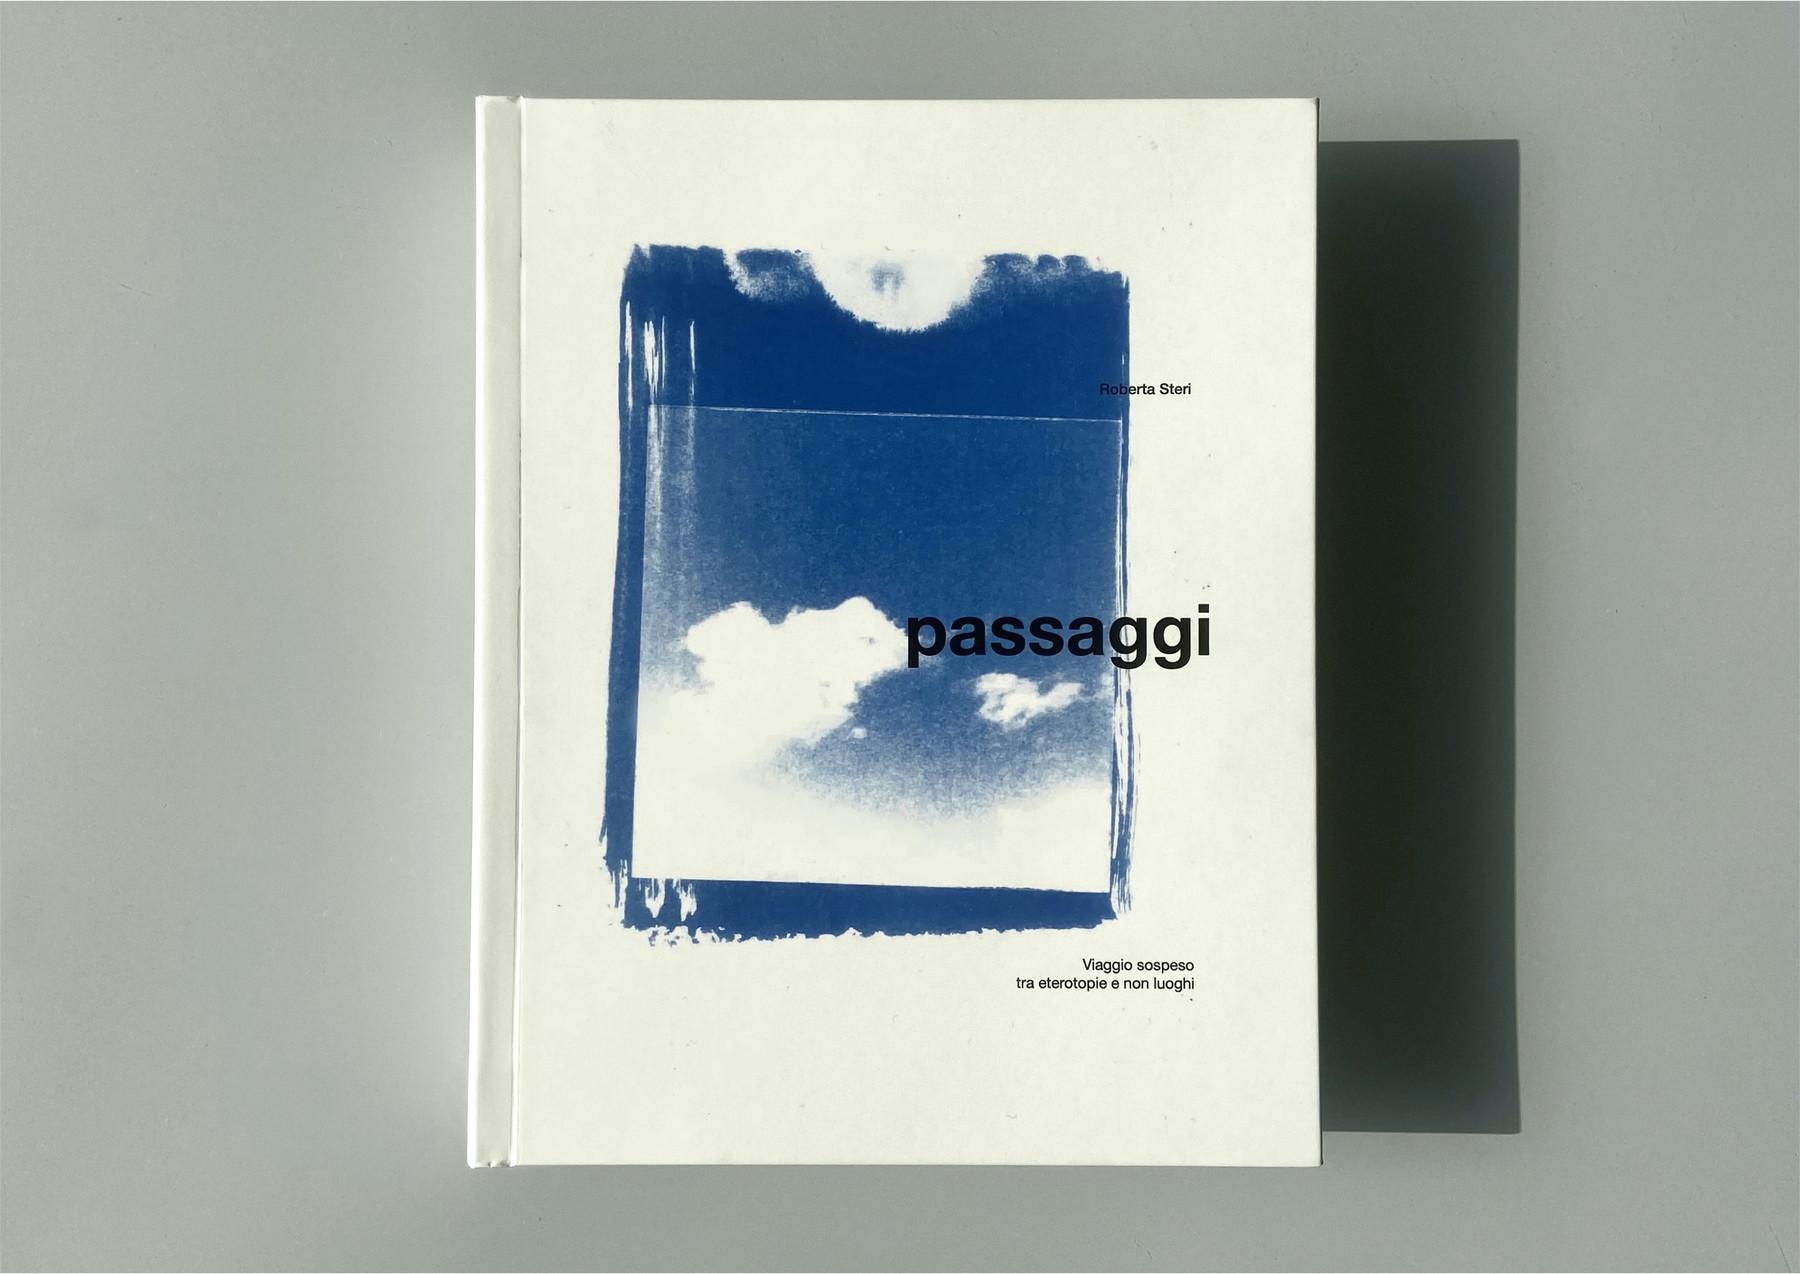 PASSAGGI foto libro 1